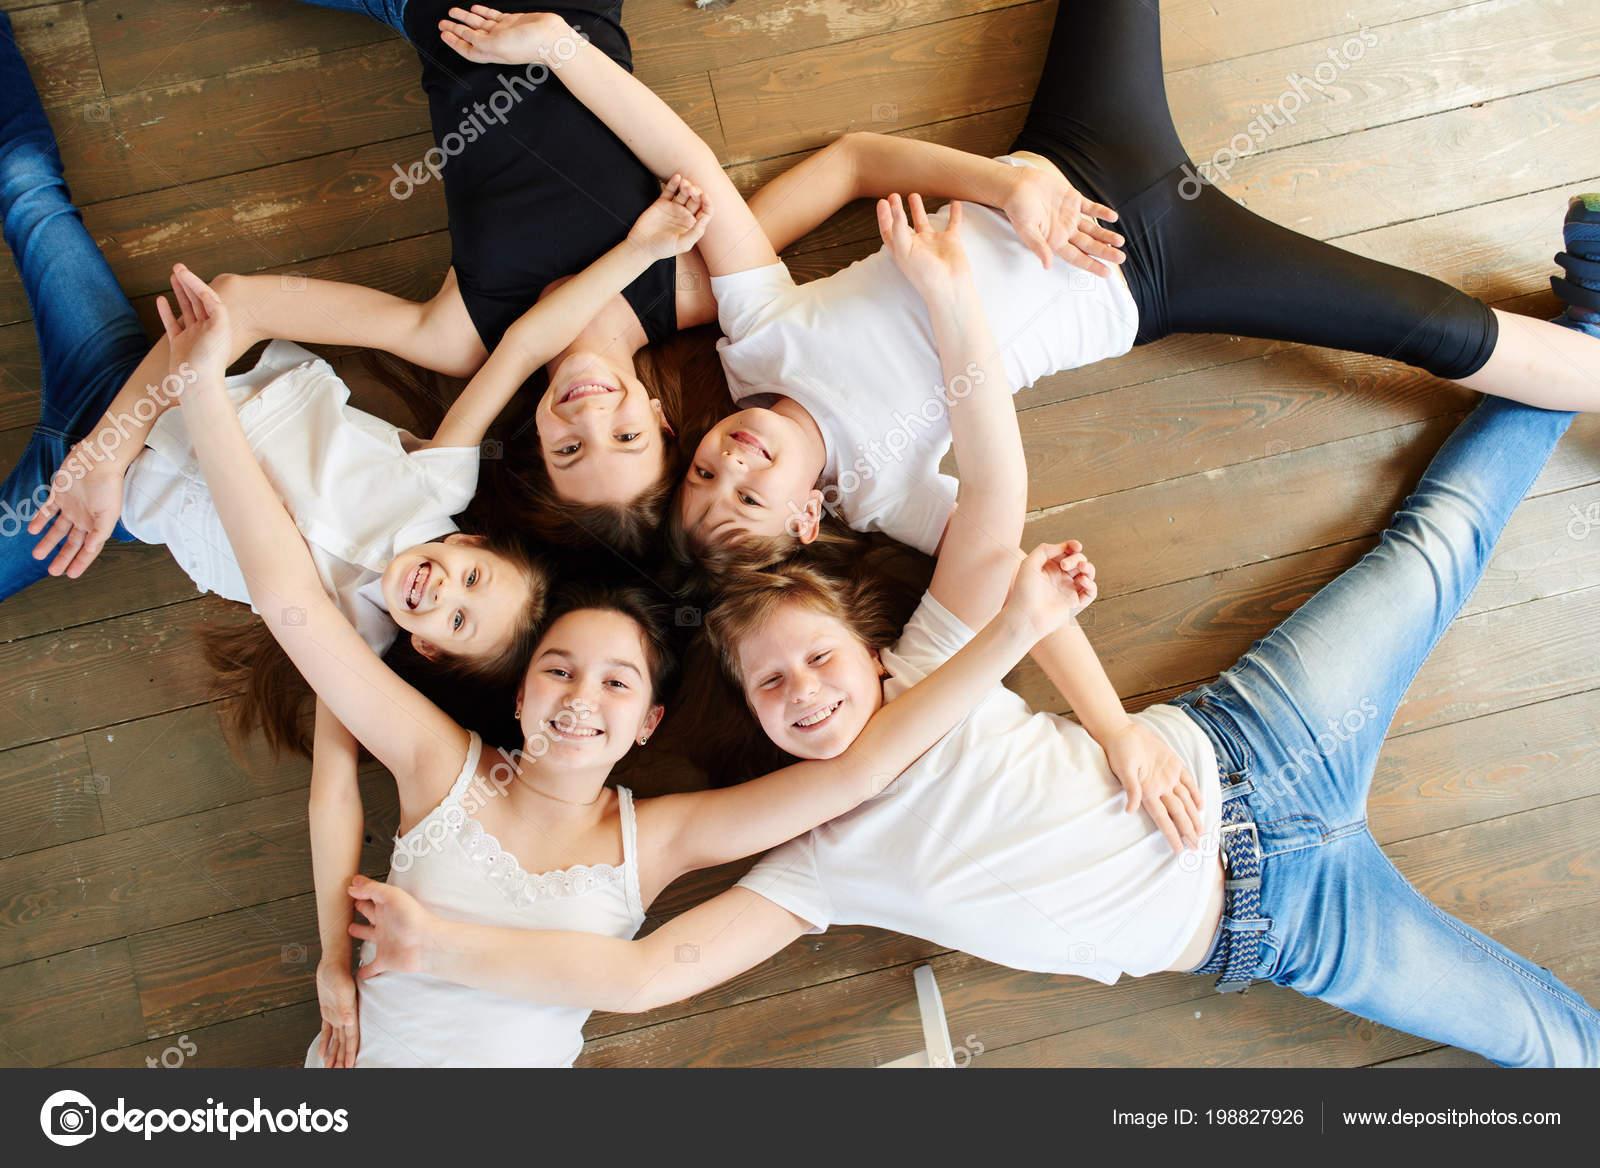 Фото девушек прикрытые руками